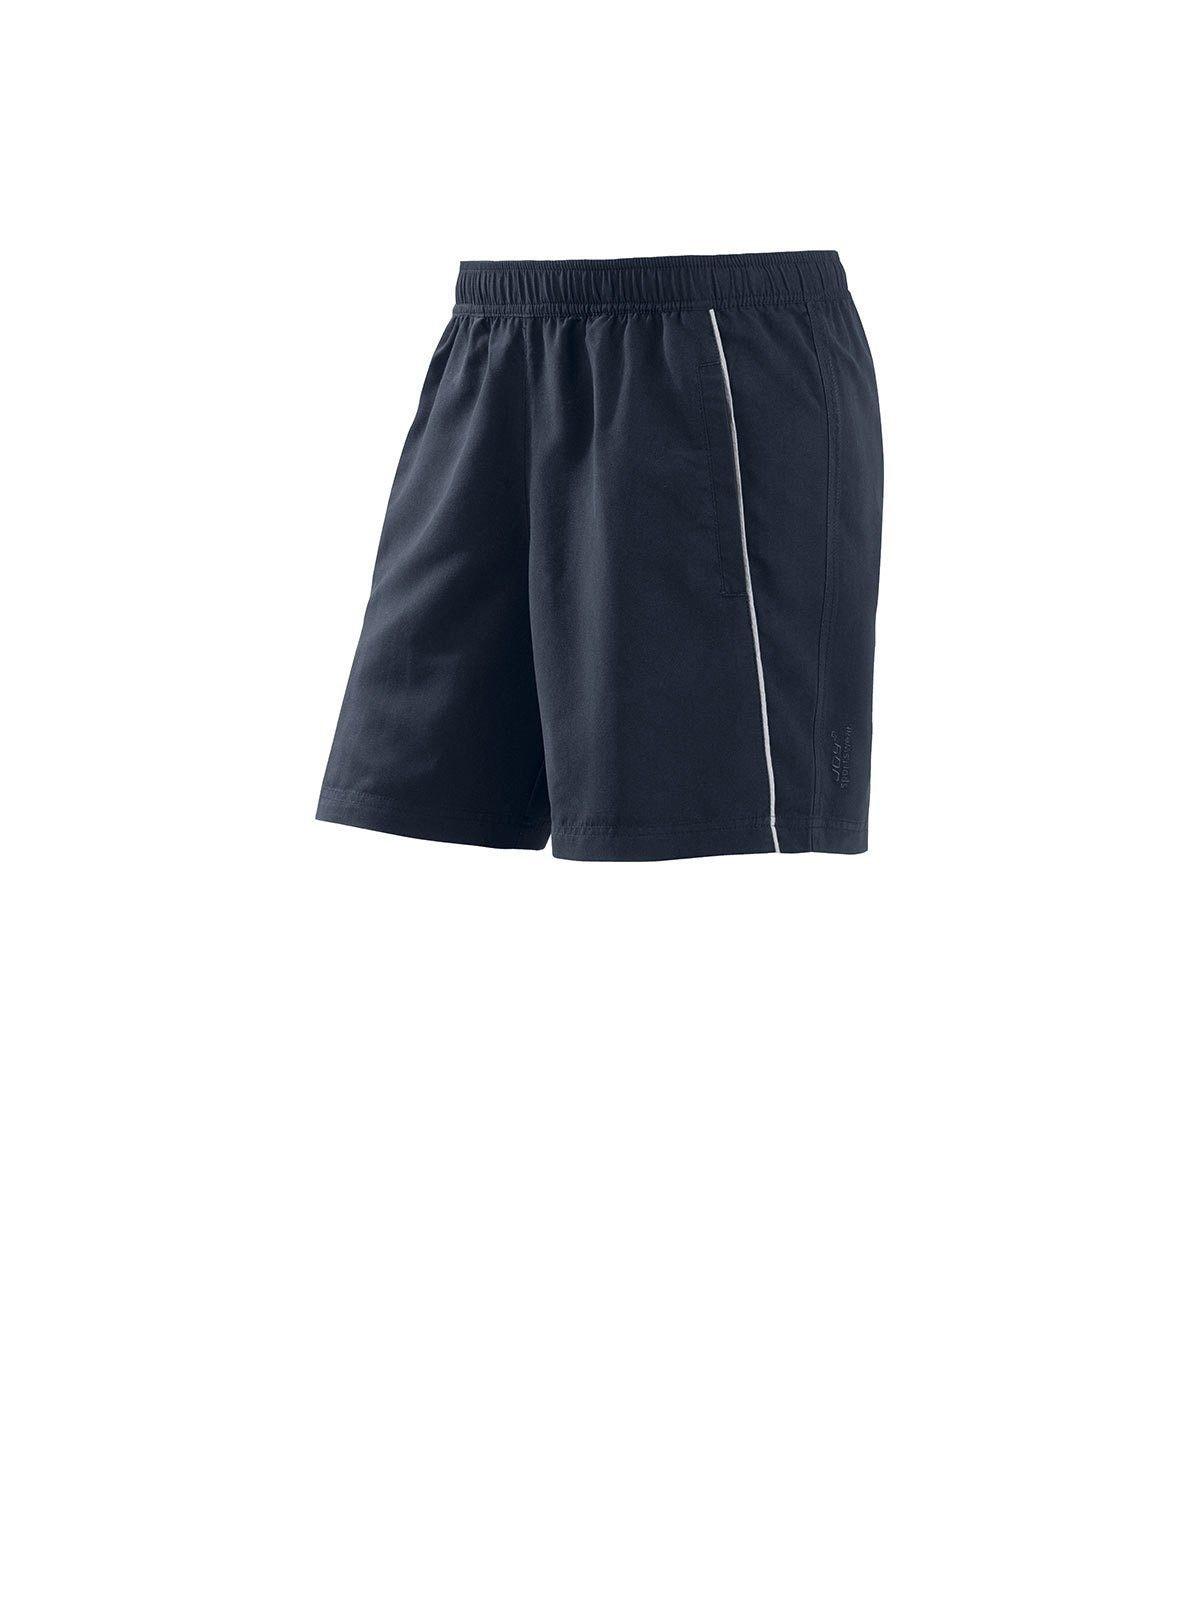 Image of Joy Sportswear Trainingsshorts »RYAN«